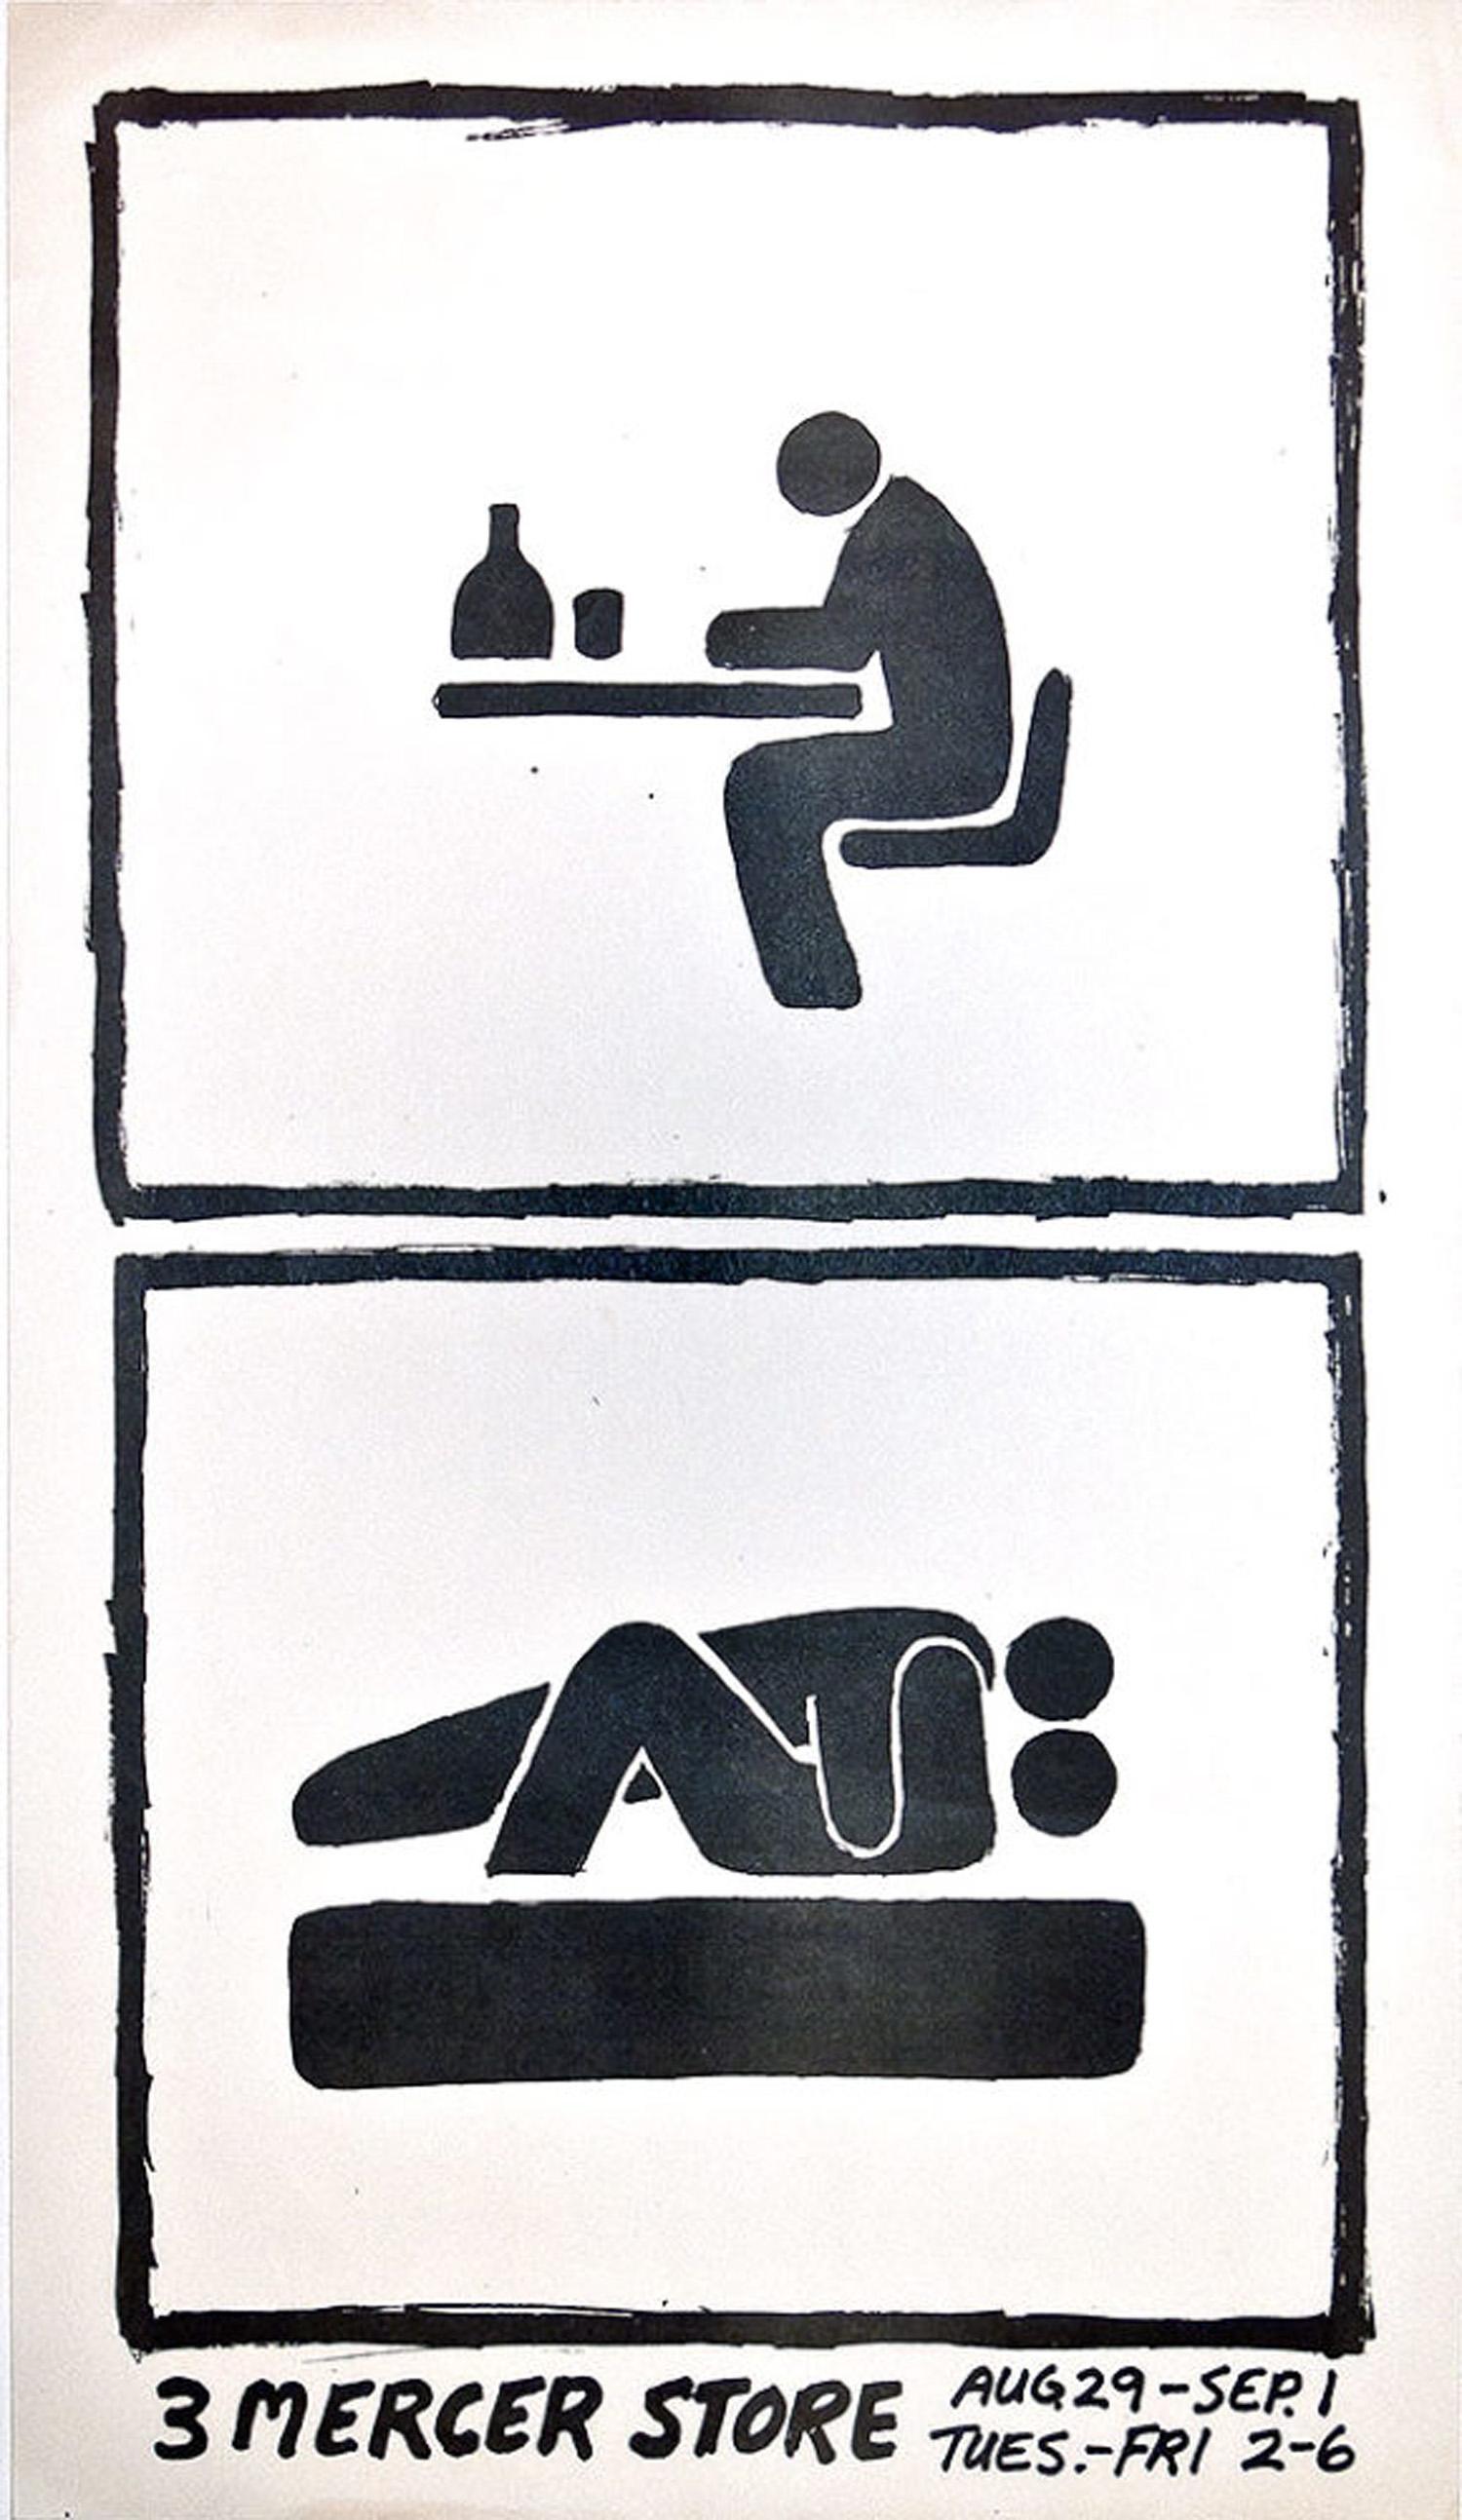 3 Mercer Street Store, Tom Otterness, Poster, 1972